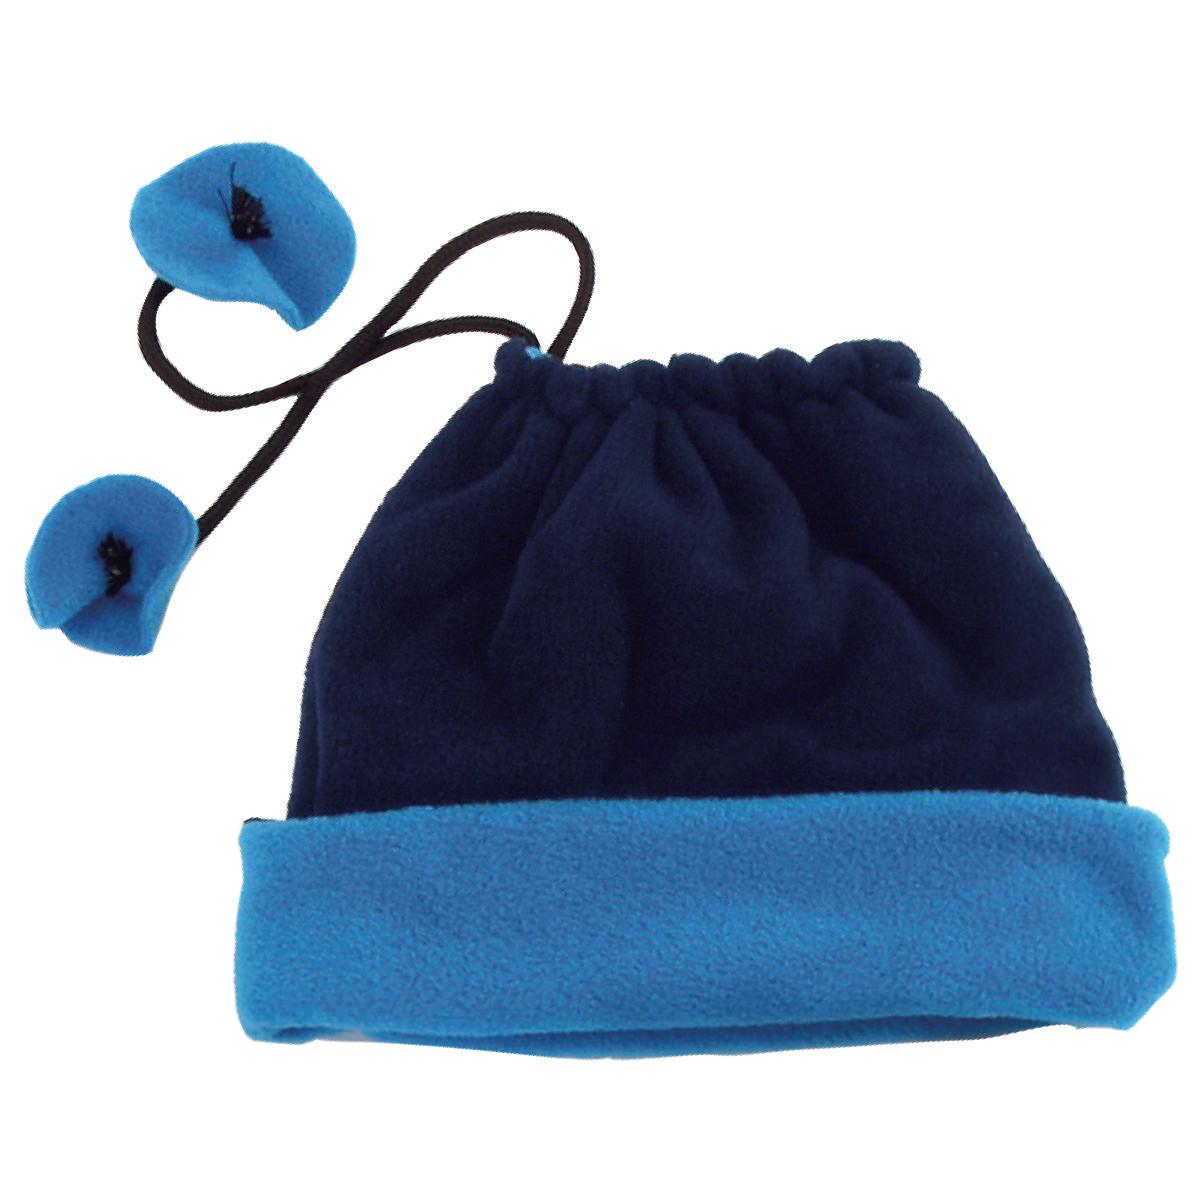 כובע פליז דו צדדי - אסקימו